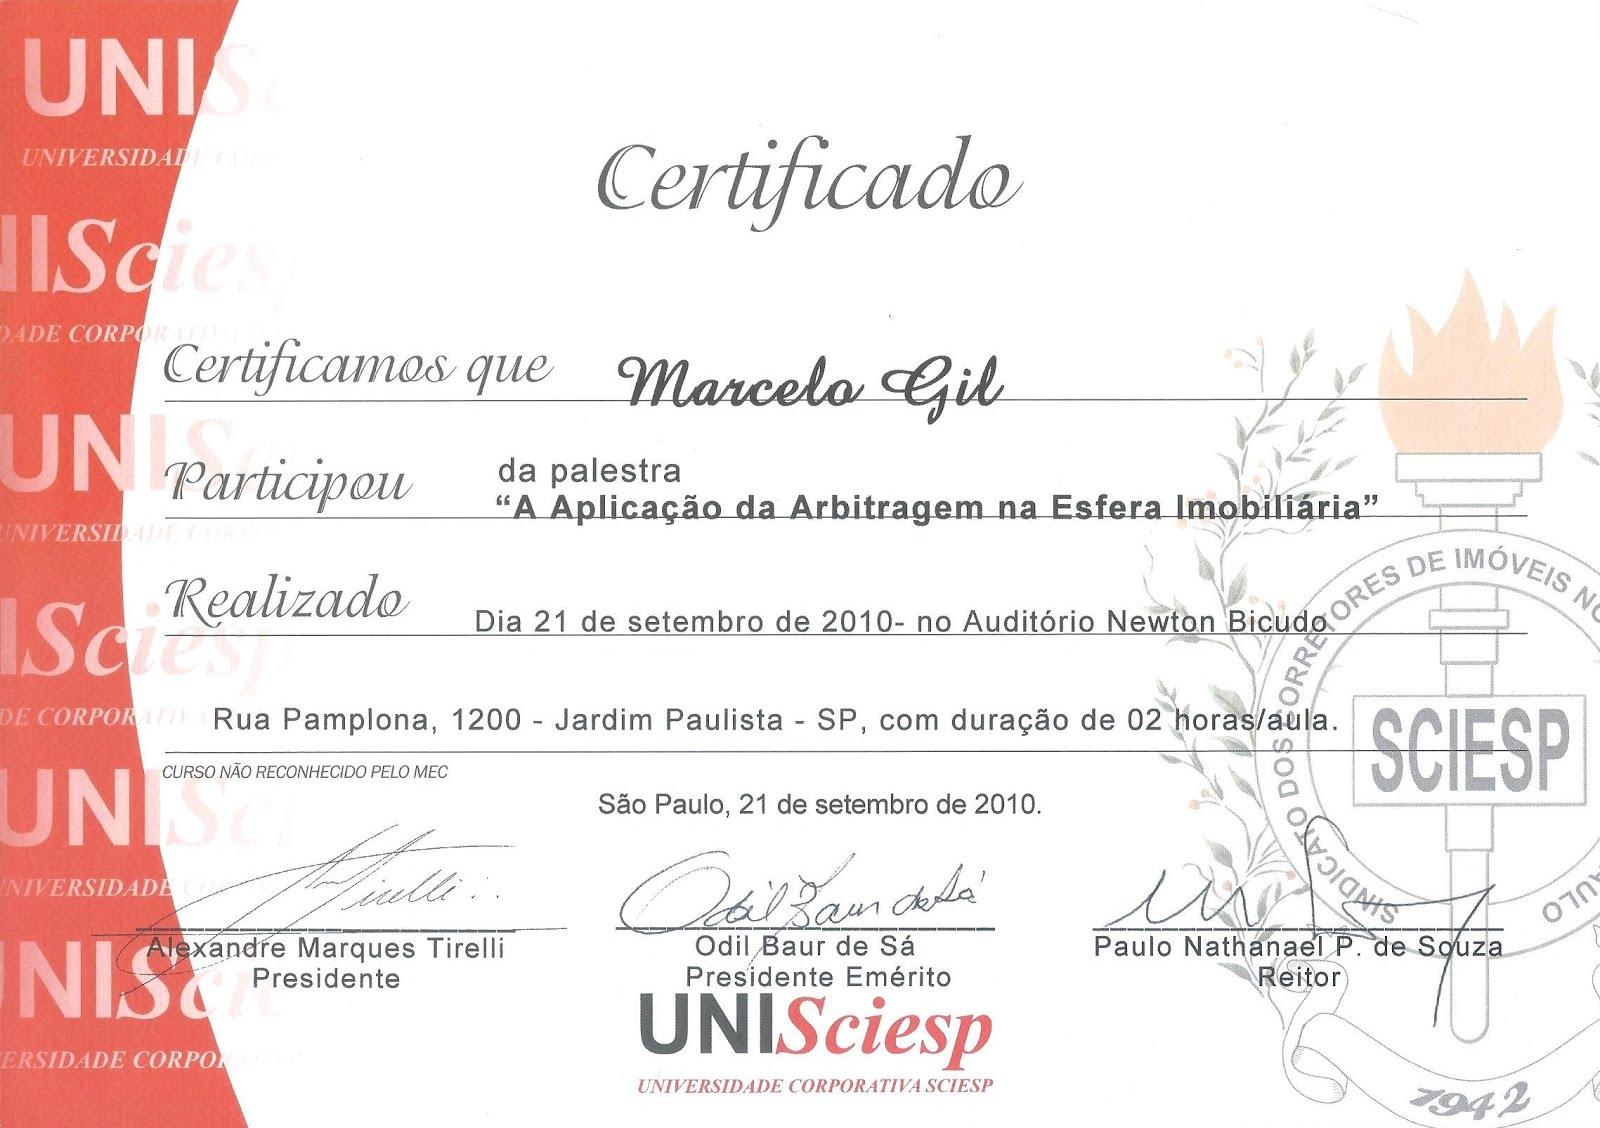 CERTIFICADO DE PARTICIPAÇÃO EM PALESTRA DA UNIVERSIDADE CORPORATIVA SCIESP - 21.09.2010